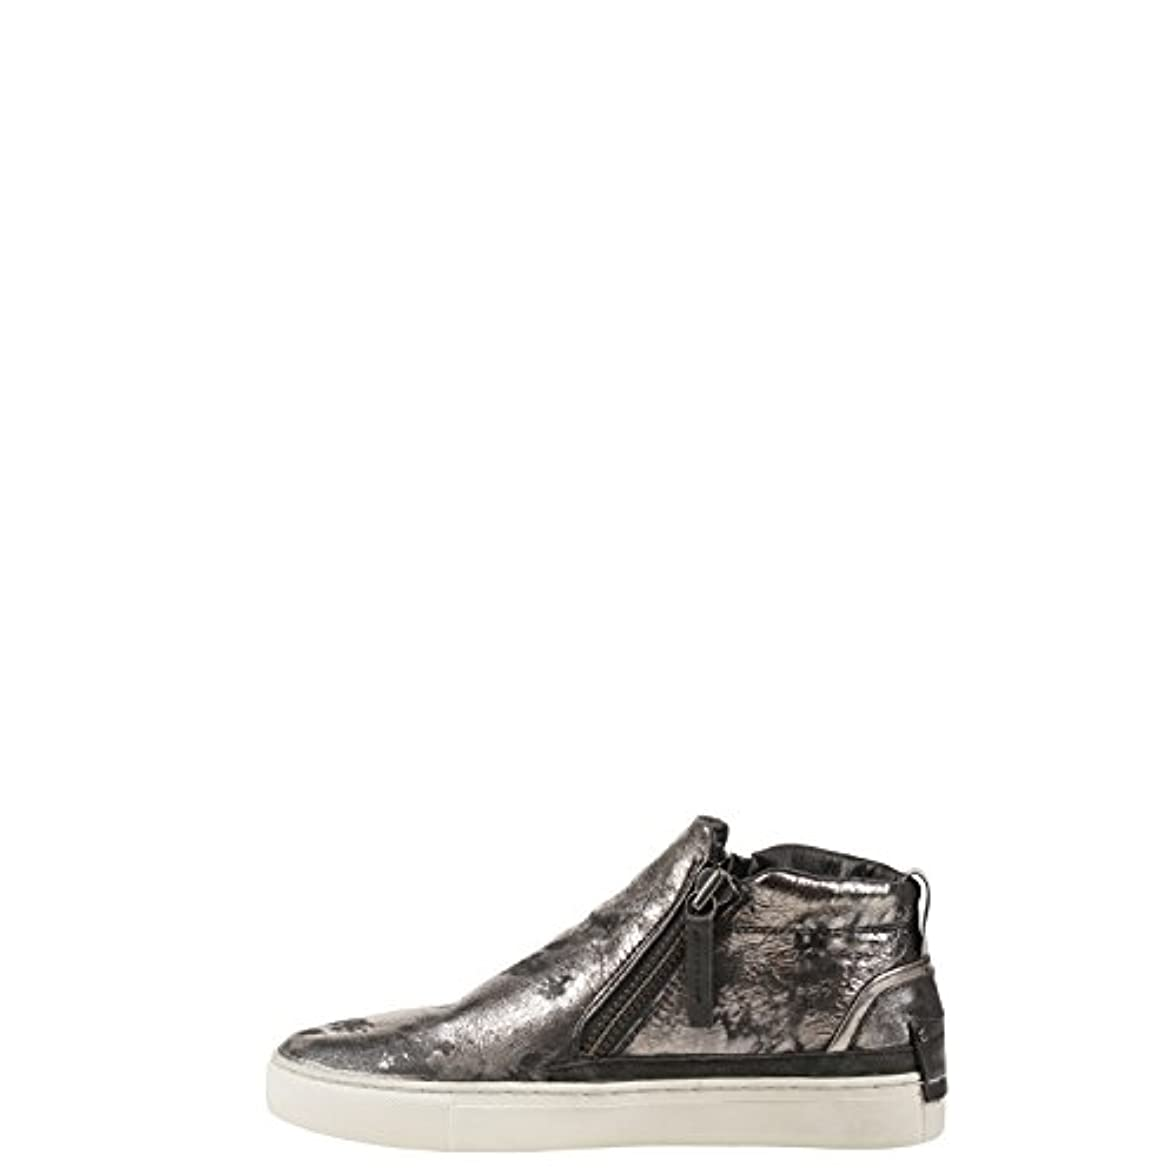 Crime London 25360 Polacco Sneaker Pelle Laminata Grigio 36